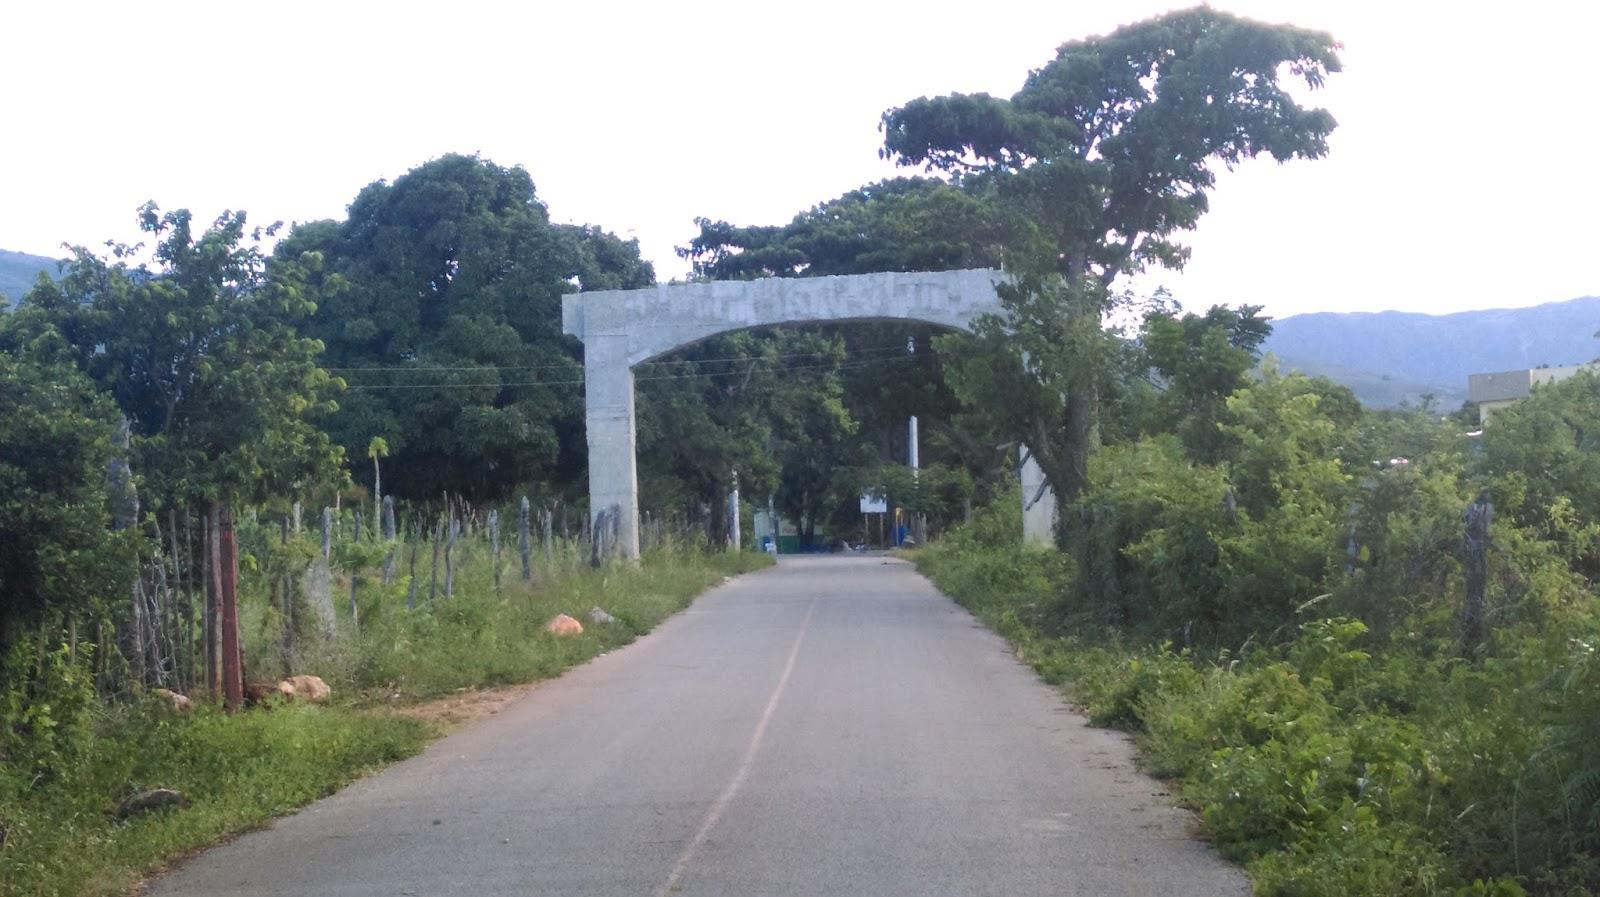 Sigue paralizada la construcción del arco de bienvenida de La Guázara